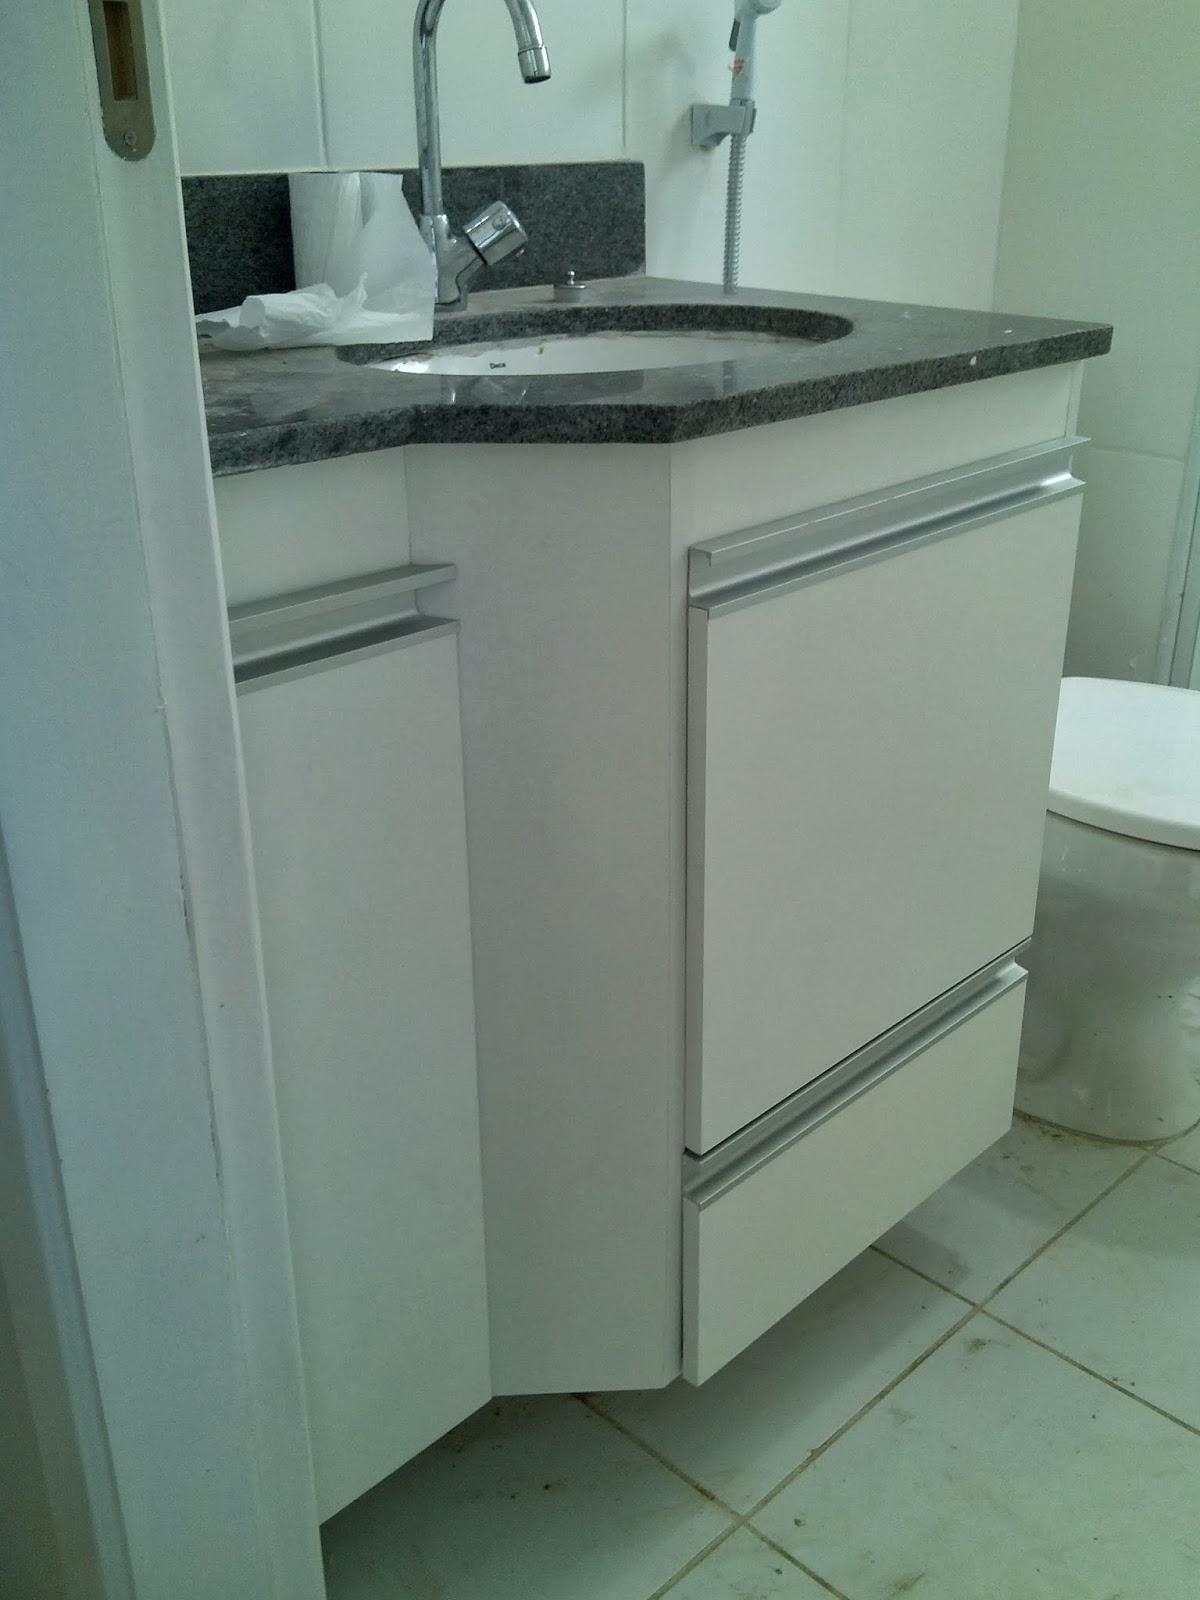 Max Marcenaria: Armários de pia de banheiro. #527970 1200 1600